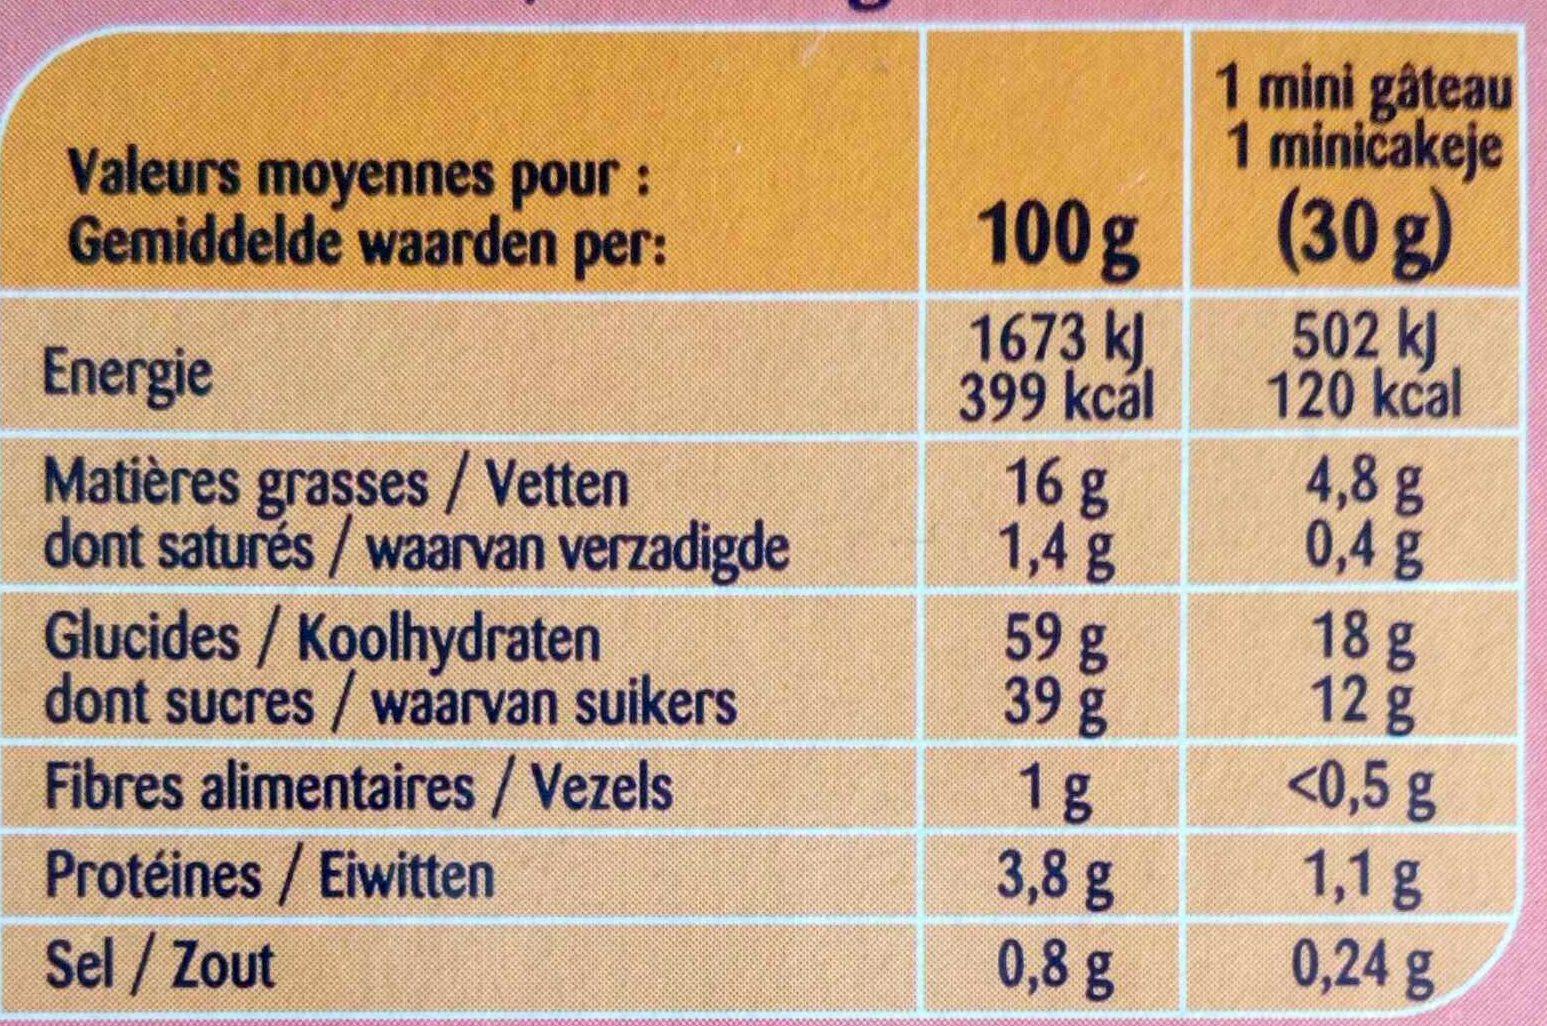 Mini gâteaux - Nutrition facts - fr